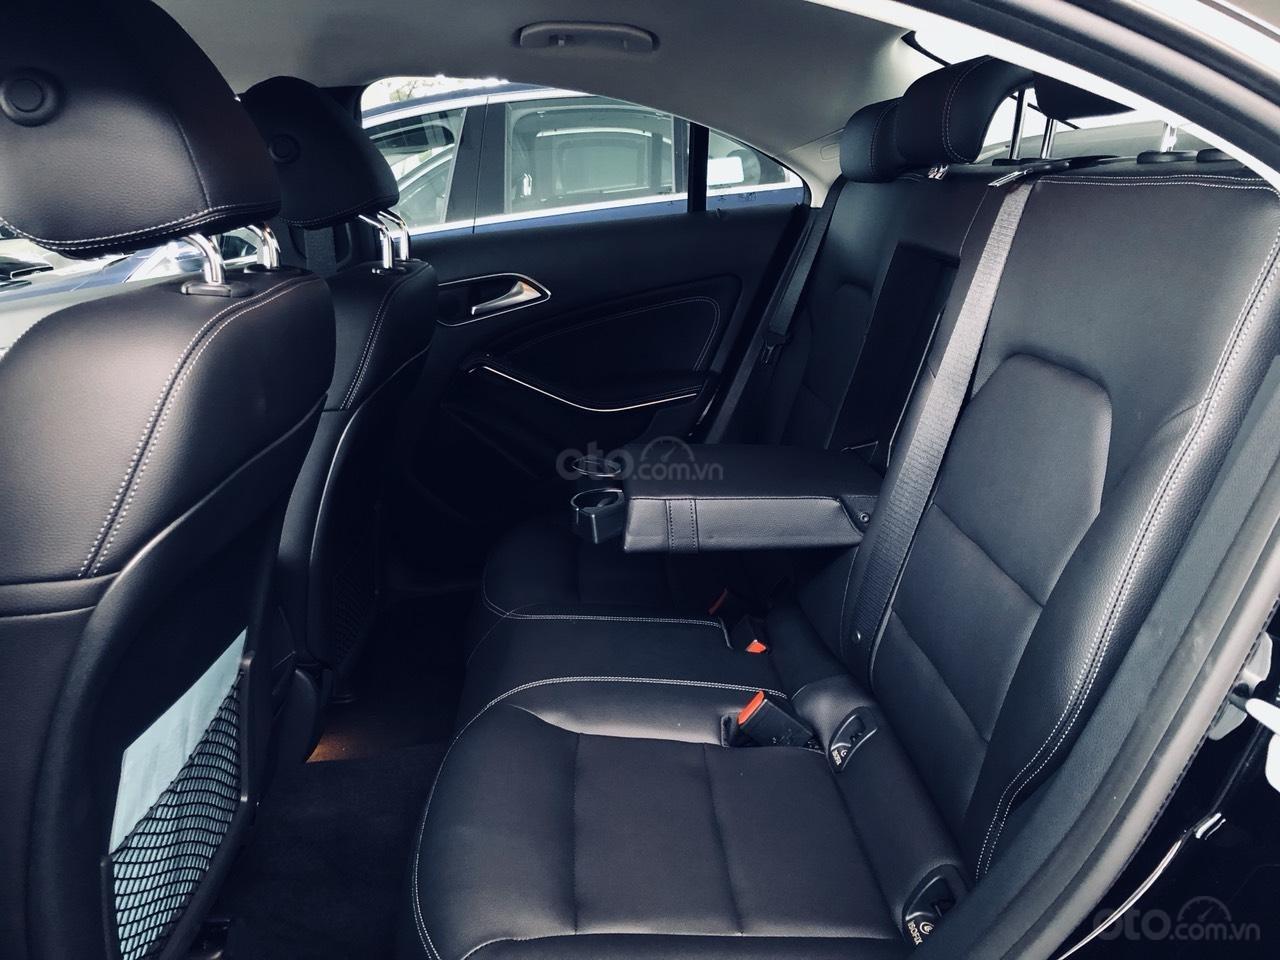 Mercedes CLA 200 chính hãng, màu đen, nội thất đen. Xe nhập khẩu Châu Âu, mới 99% (6)